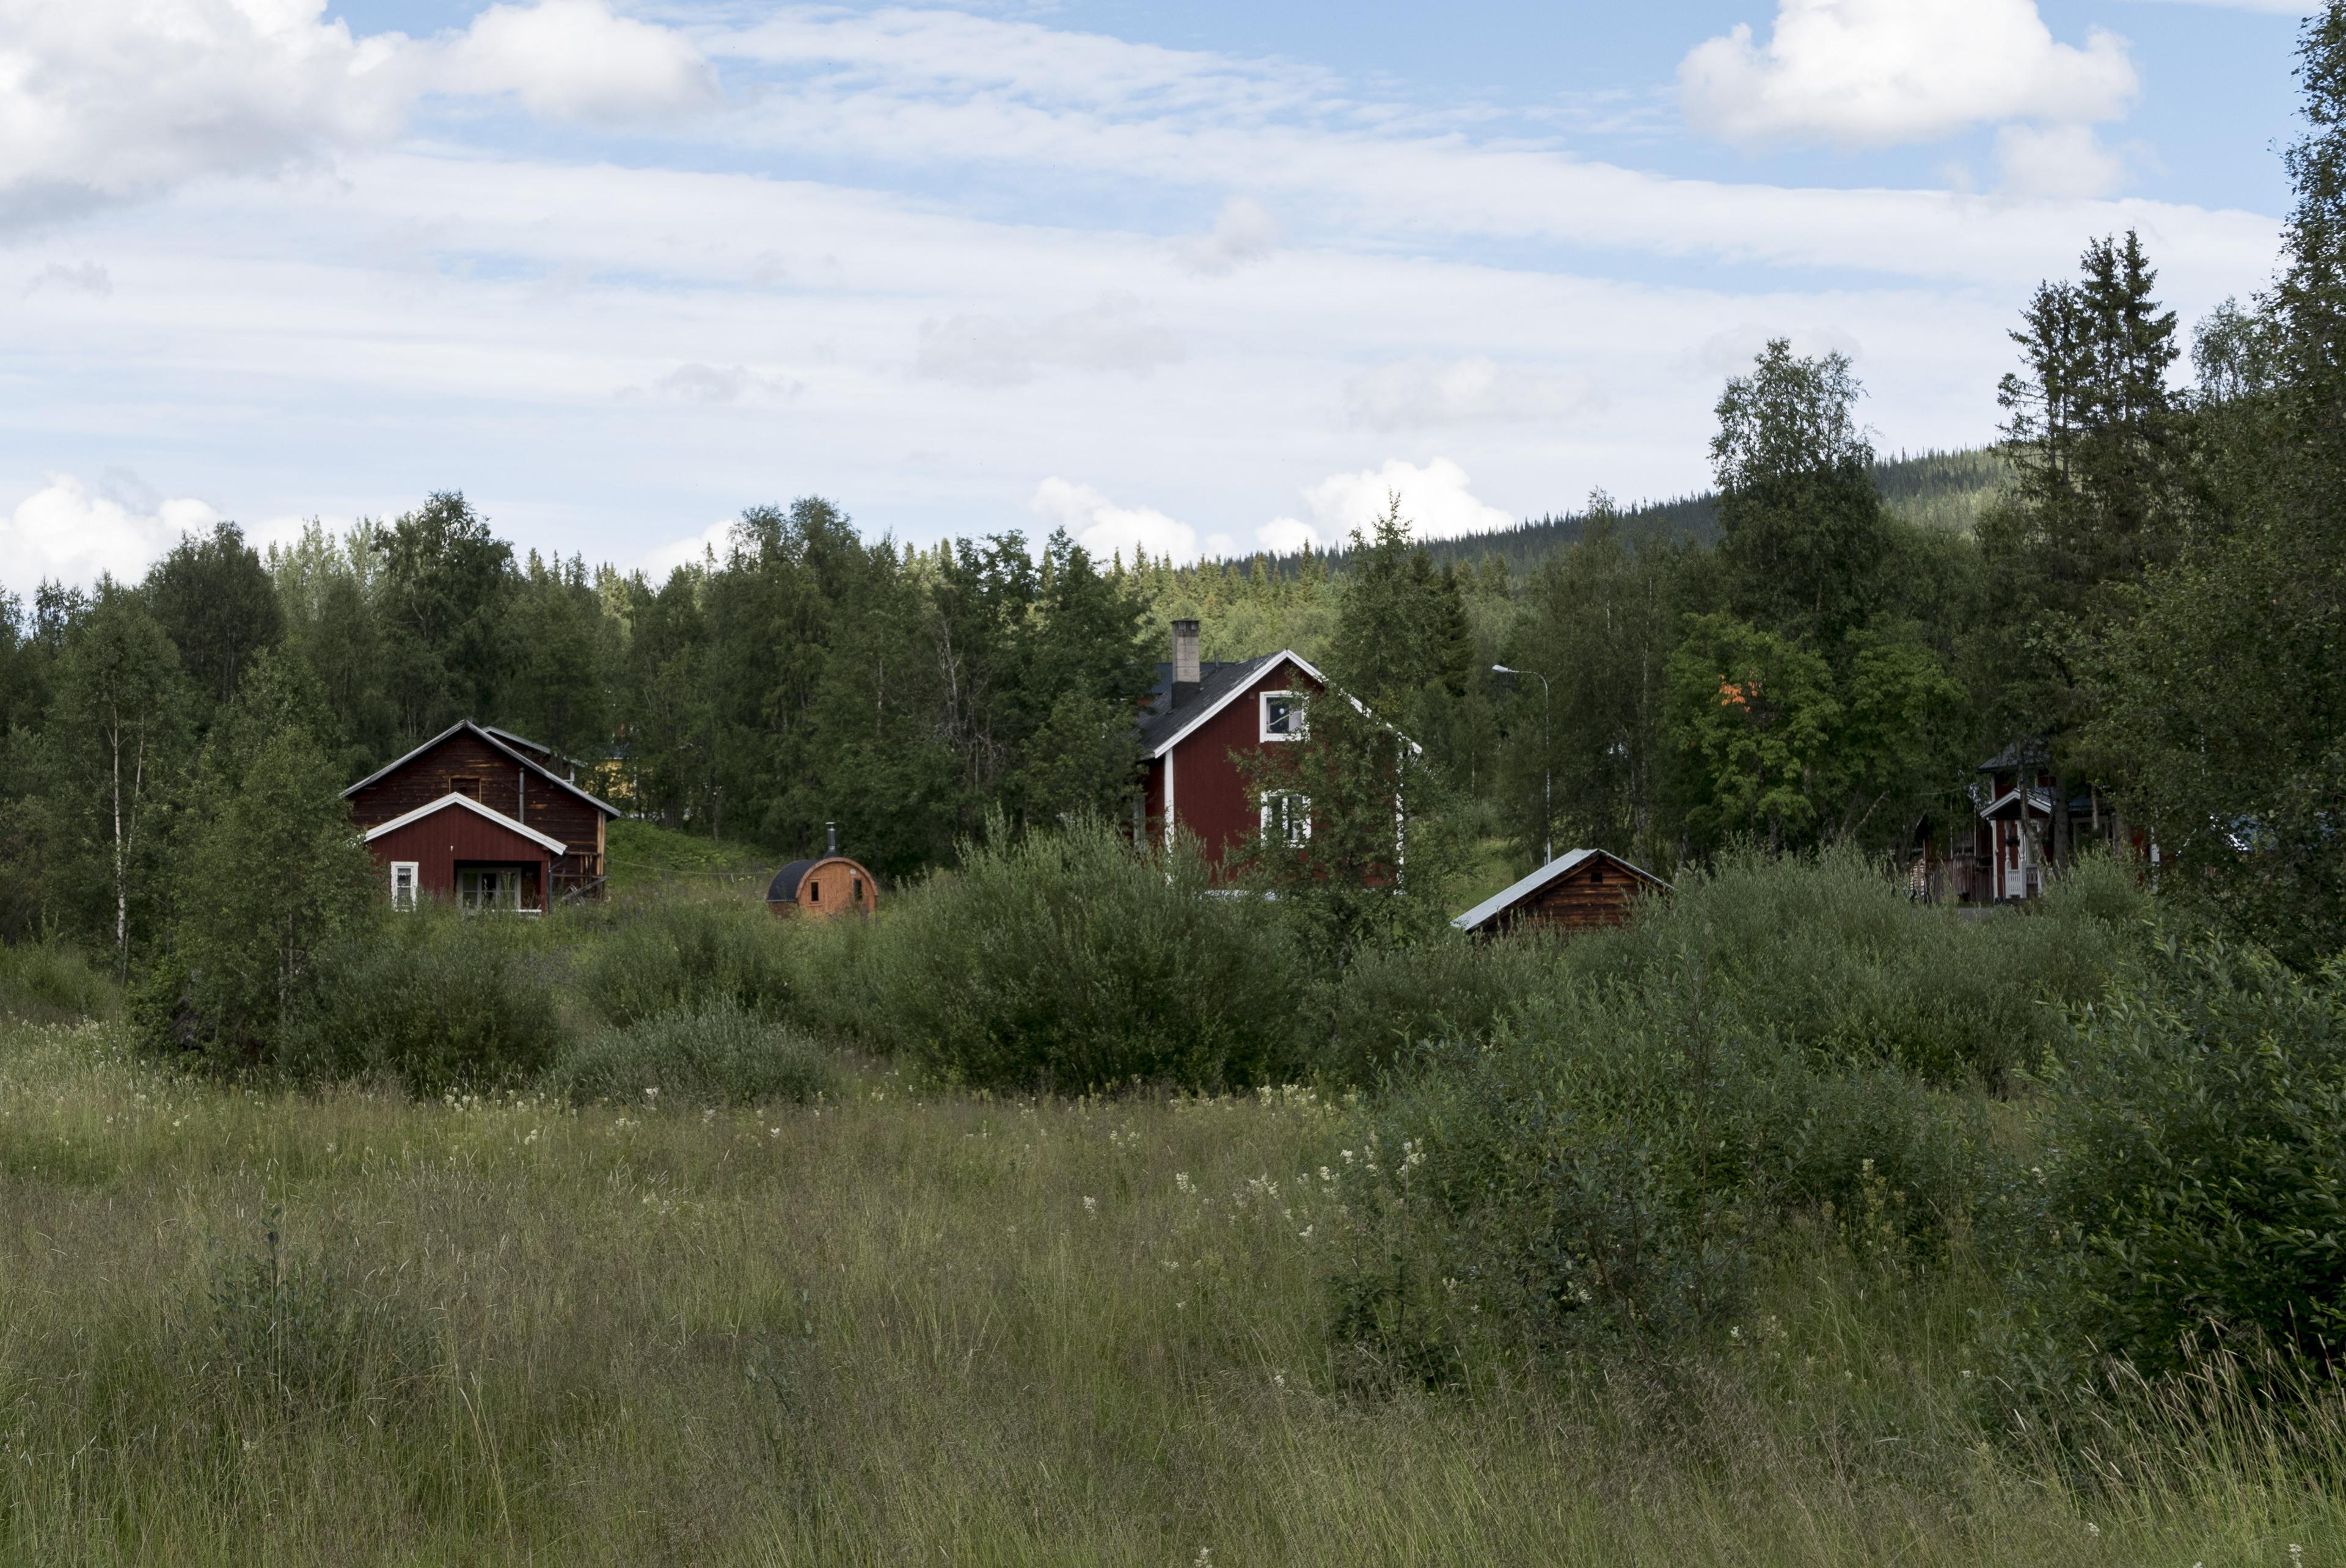 Typisch schwedische Häuser und ein Fass,©Markus Proske—Panasonic DMC-LX100, 62mm, 1/500s, Blende 5.6, ISO 200